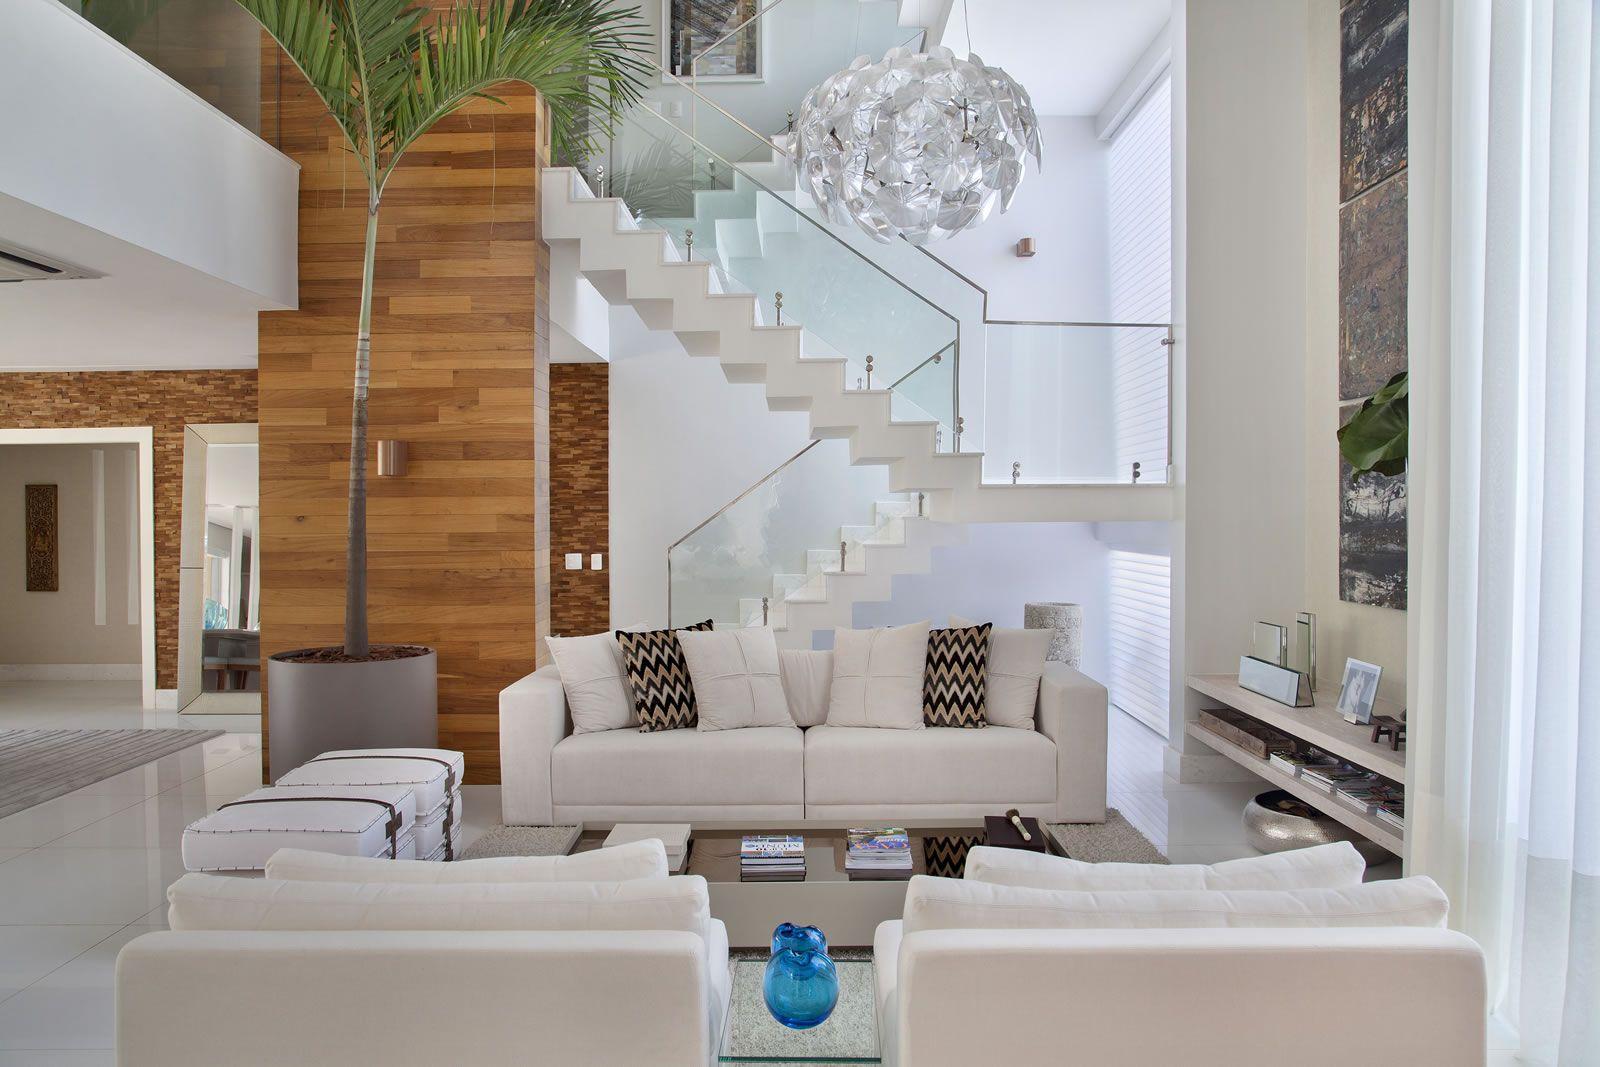 Decor salteado blog de decora o e arquitetura casa for Ideas e interiores